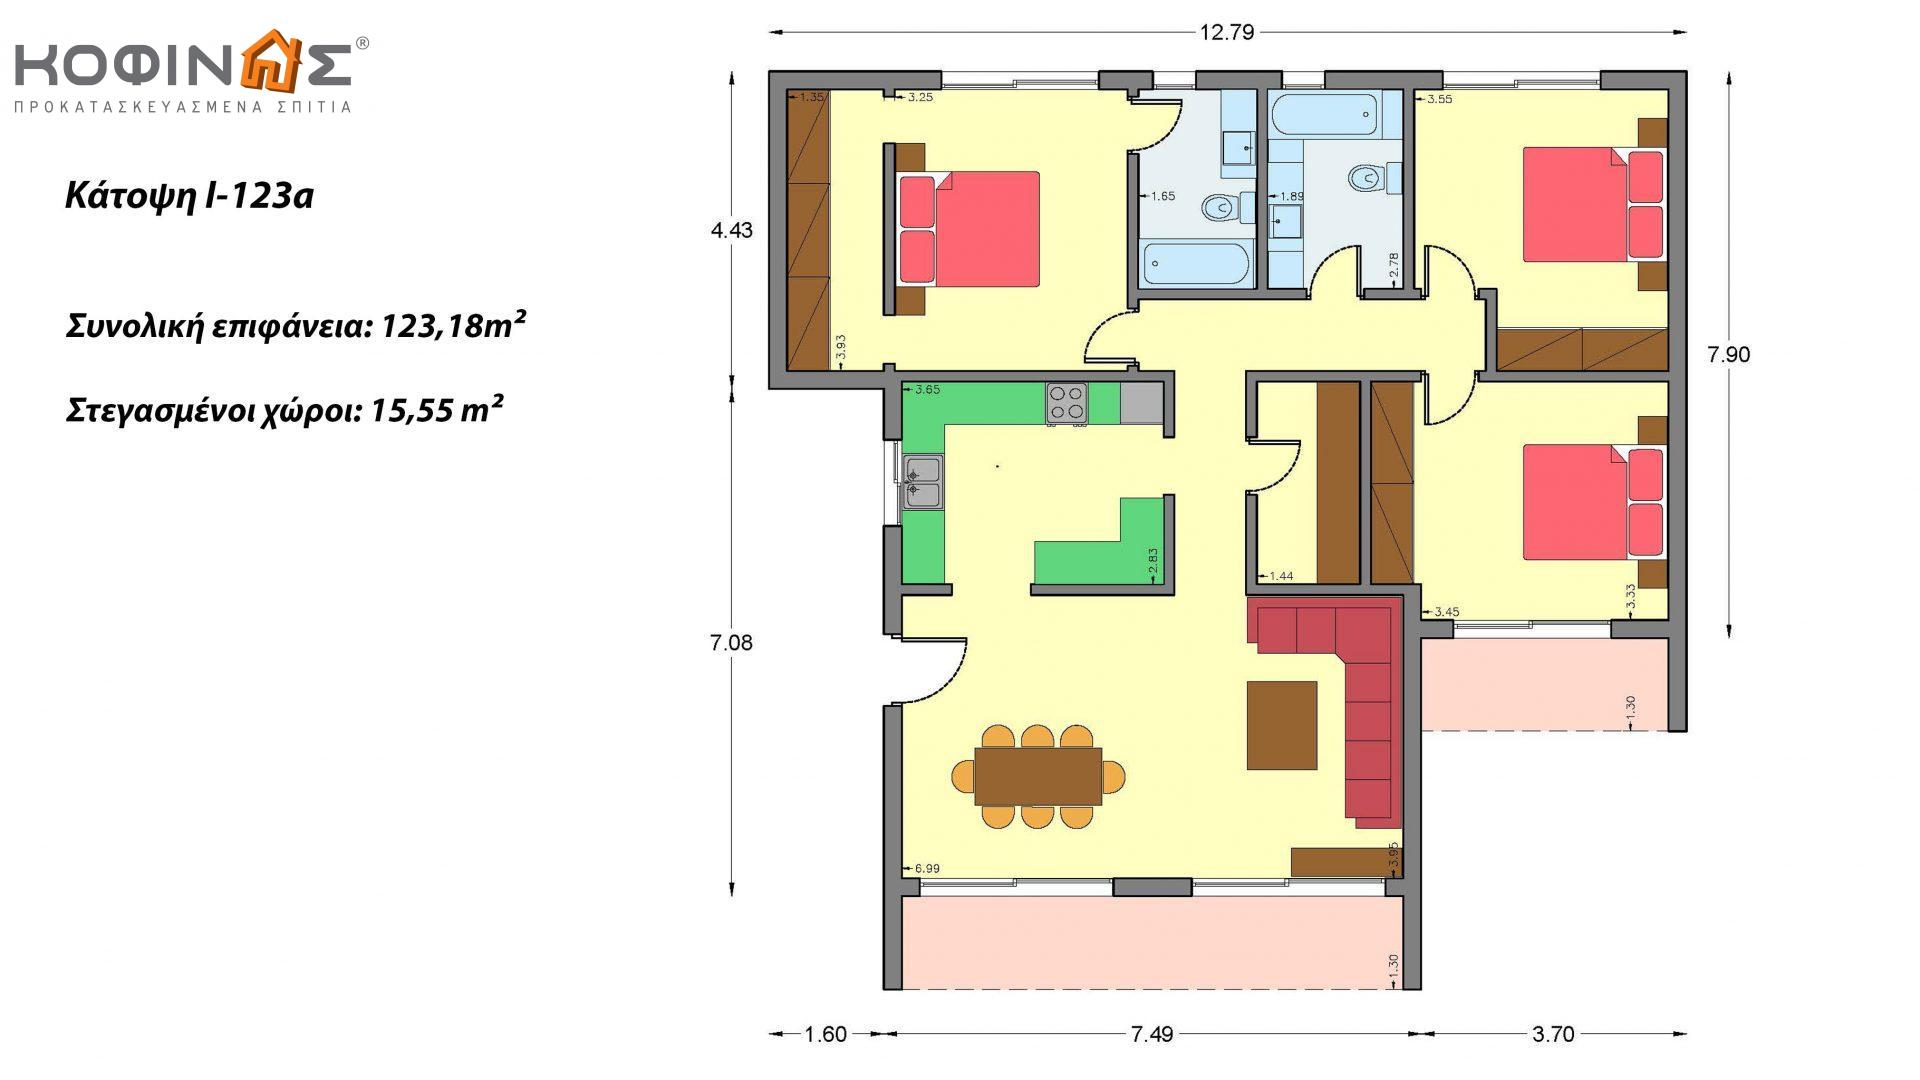 Ισόγεια Κατοικία I-123A, συνολικής επιφάνειας 123.18 τ.μ.